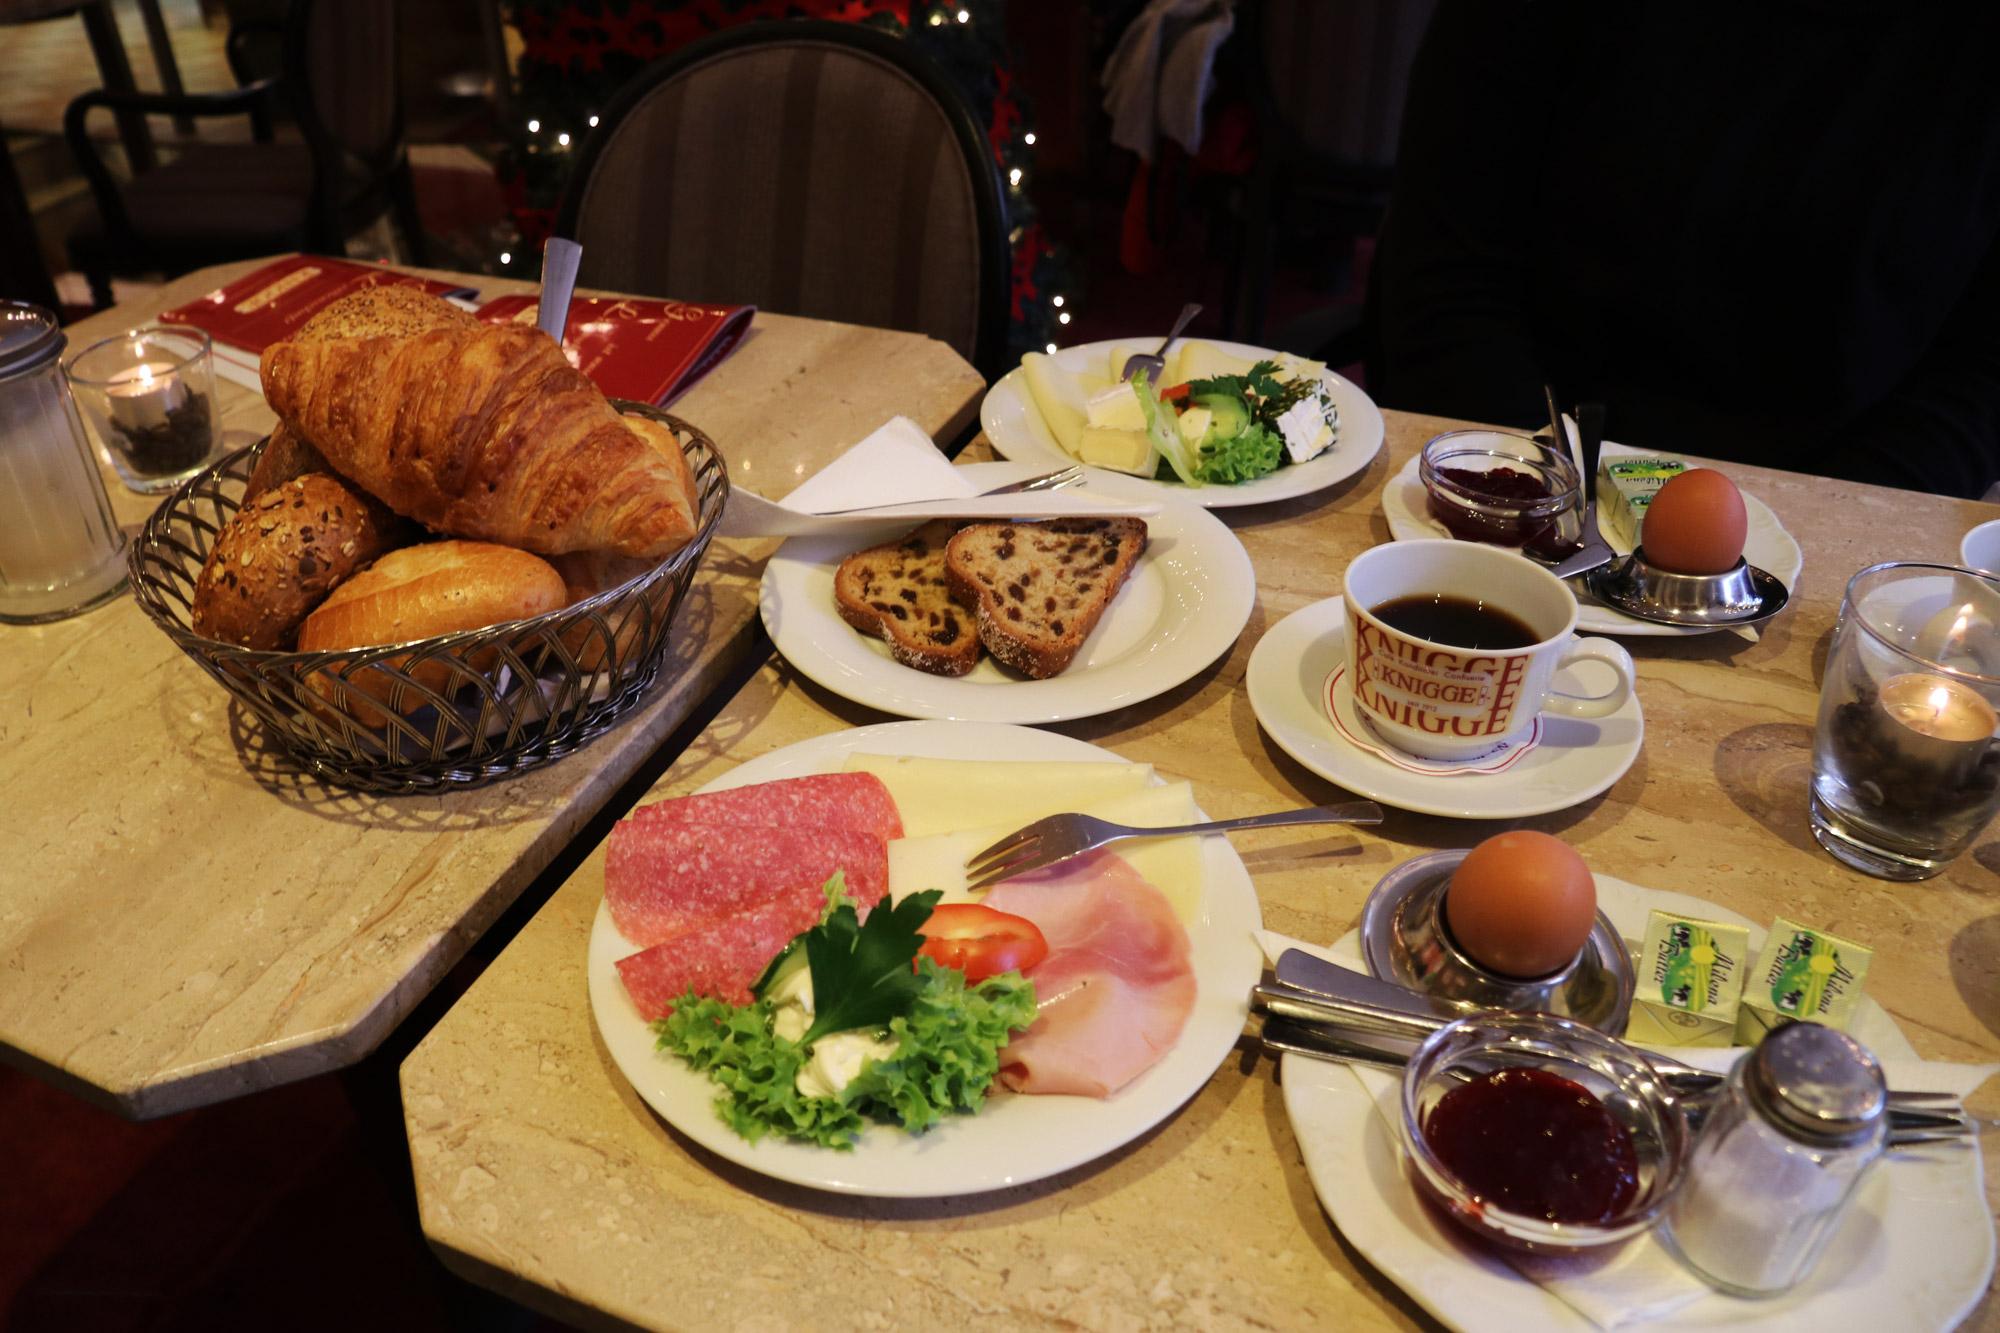 Bielefeld - Ontbijt bij Knigge